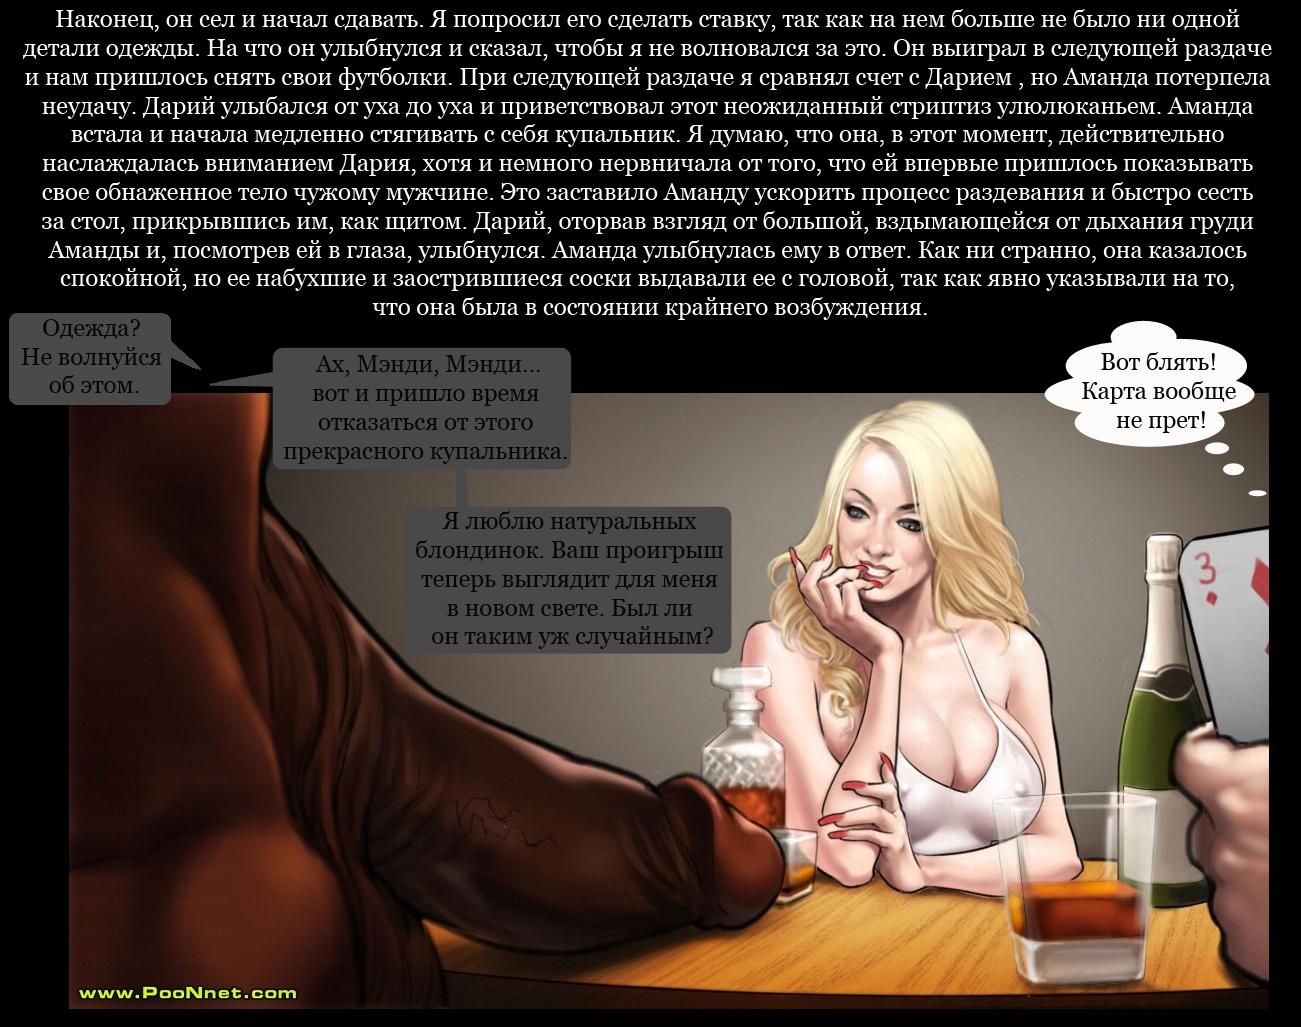 порно комиксы про аманду на русском языке